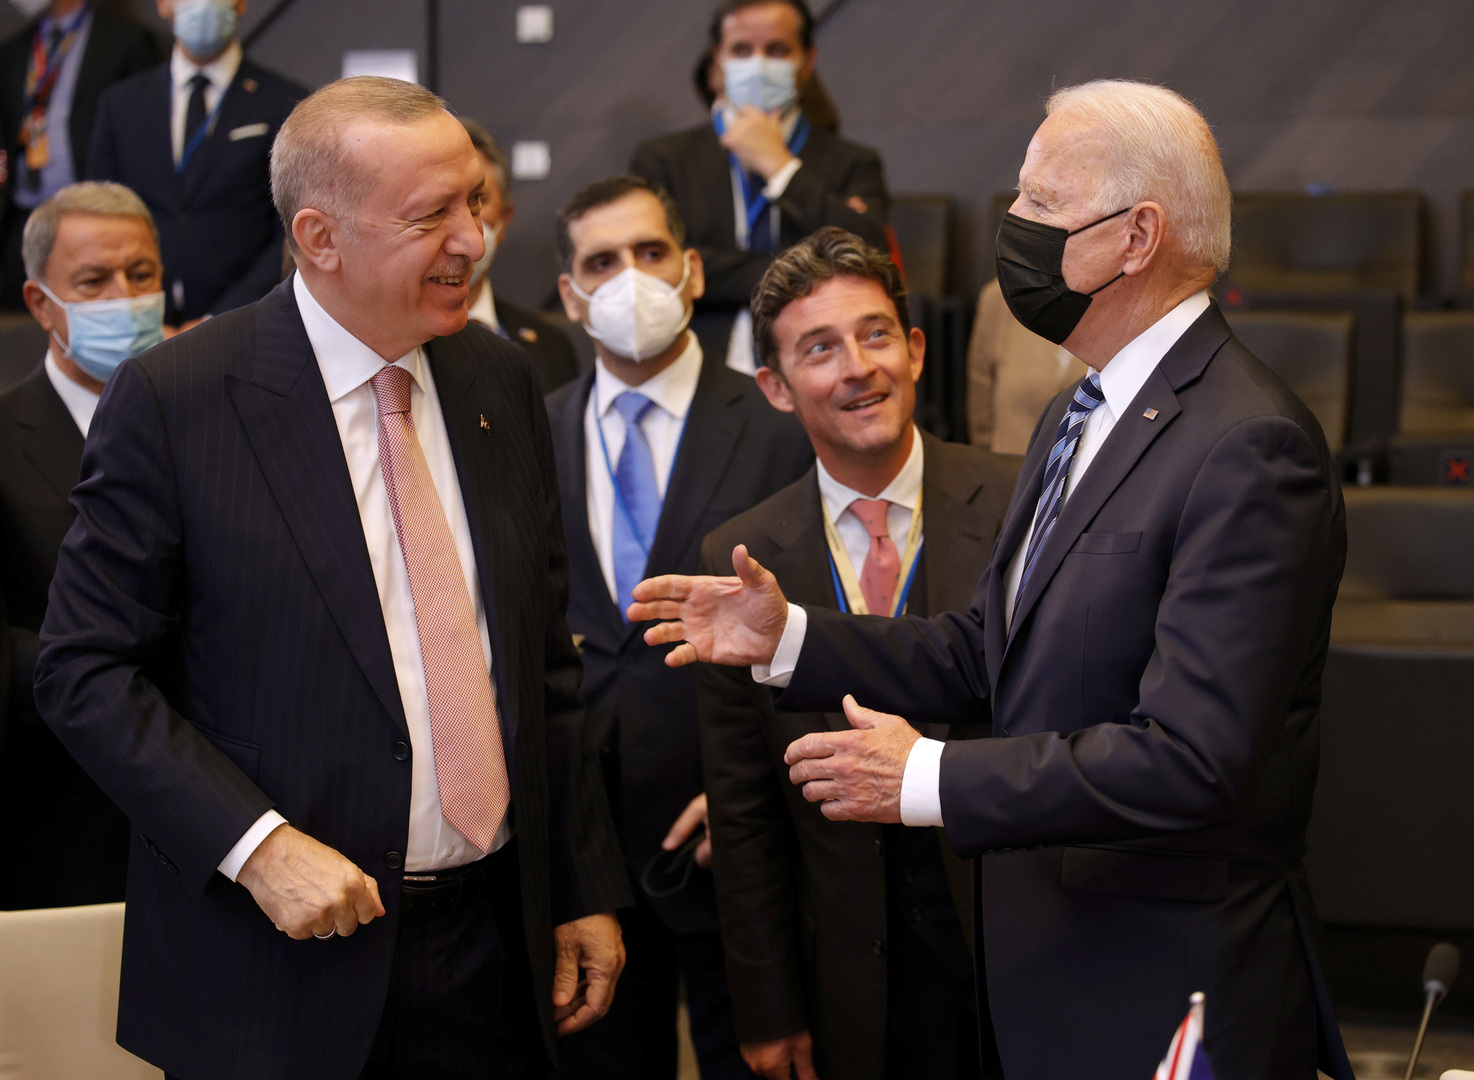 أردوغان يكشف عن مسألة ستتصدر أجندة لقائه القادم مع بايدن